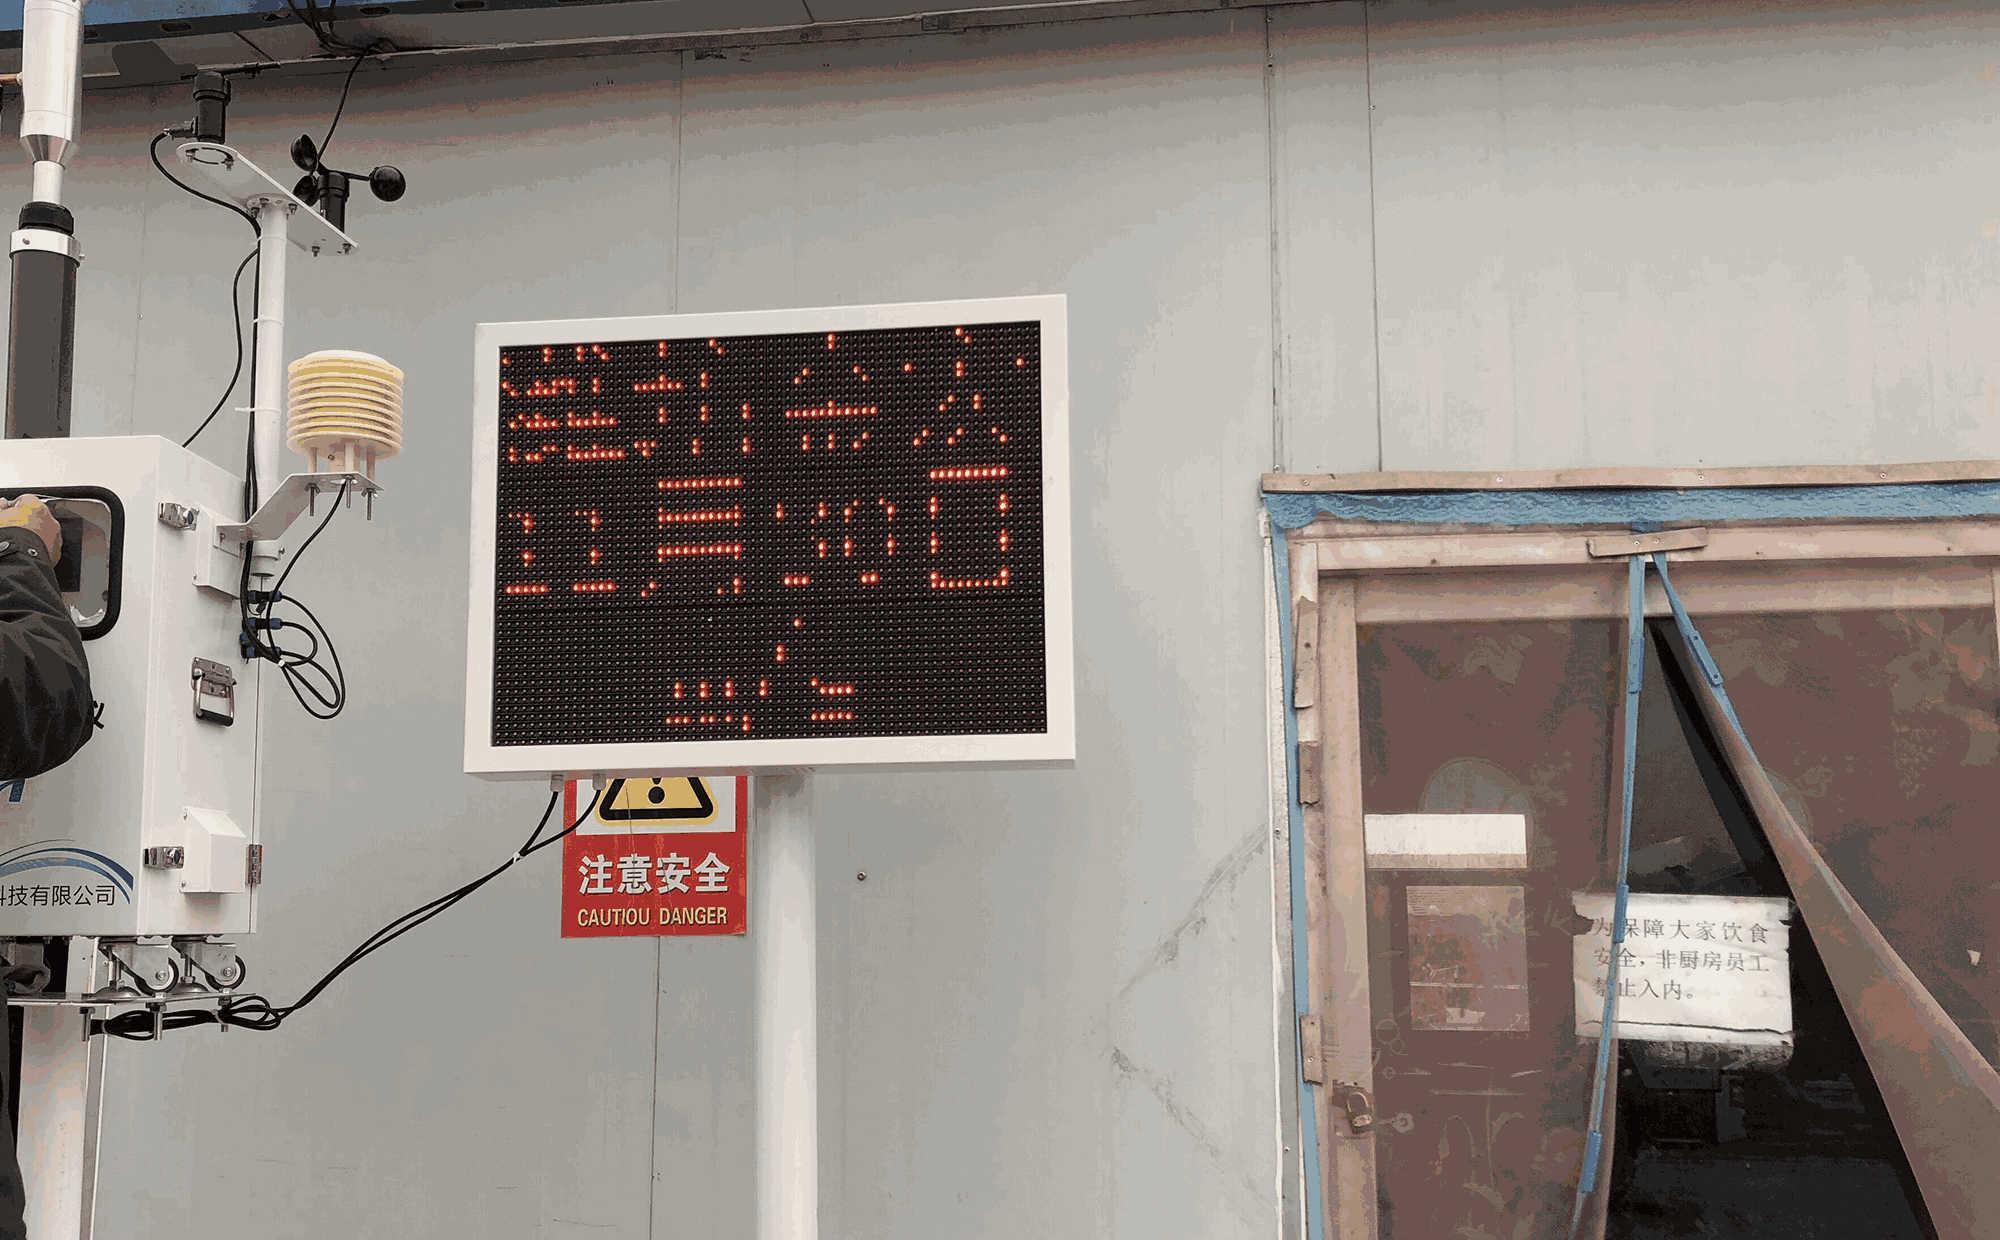 潍坊金宏沪宁图采购贝塔射线扬尘监测设备案例图